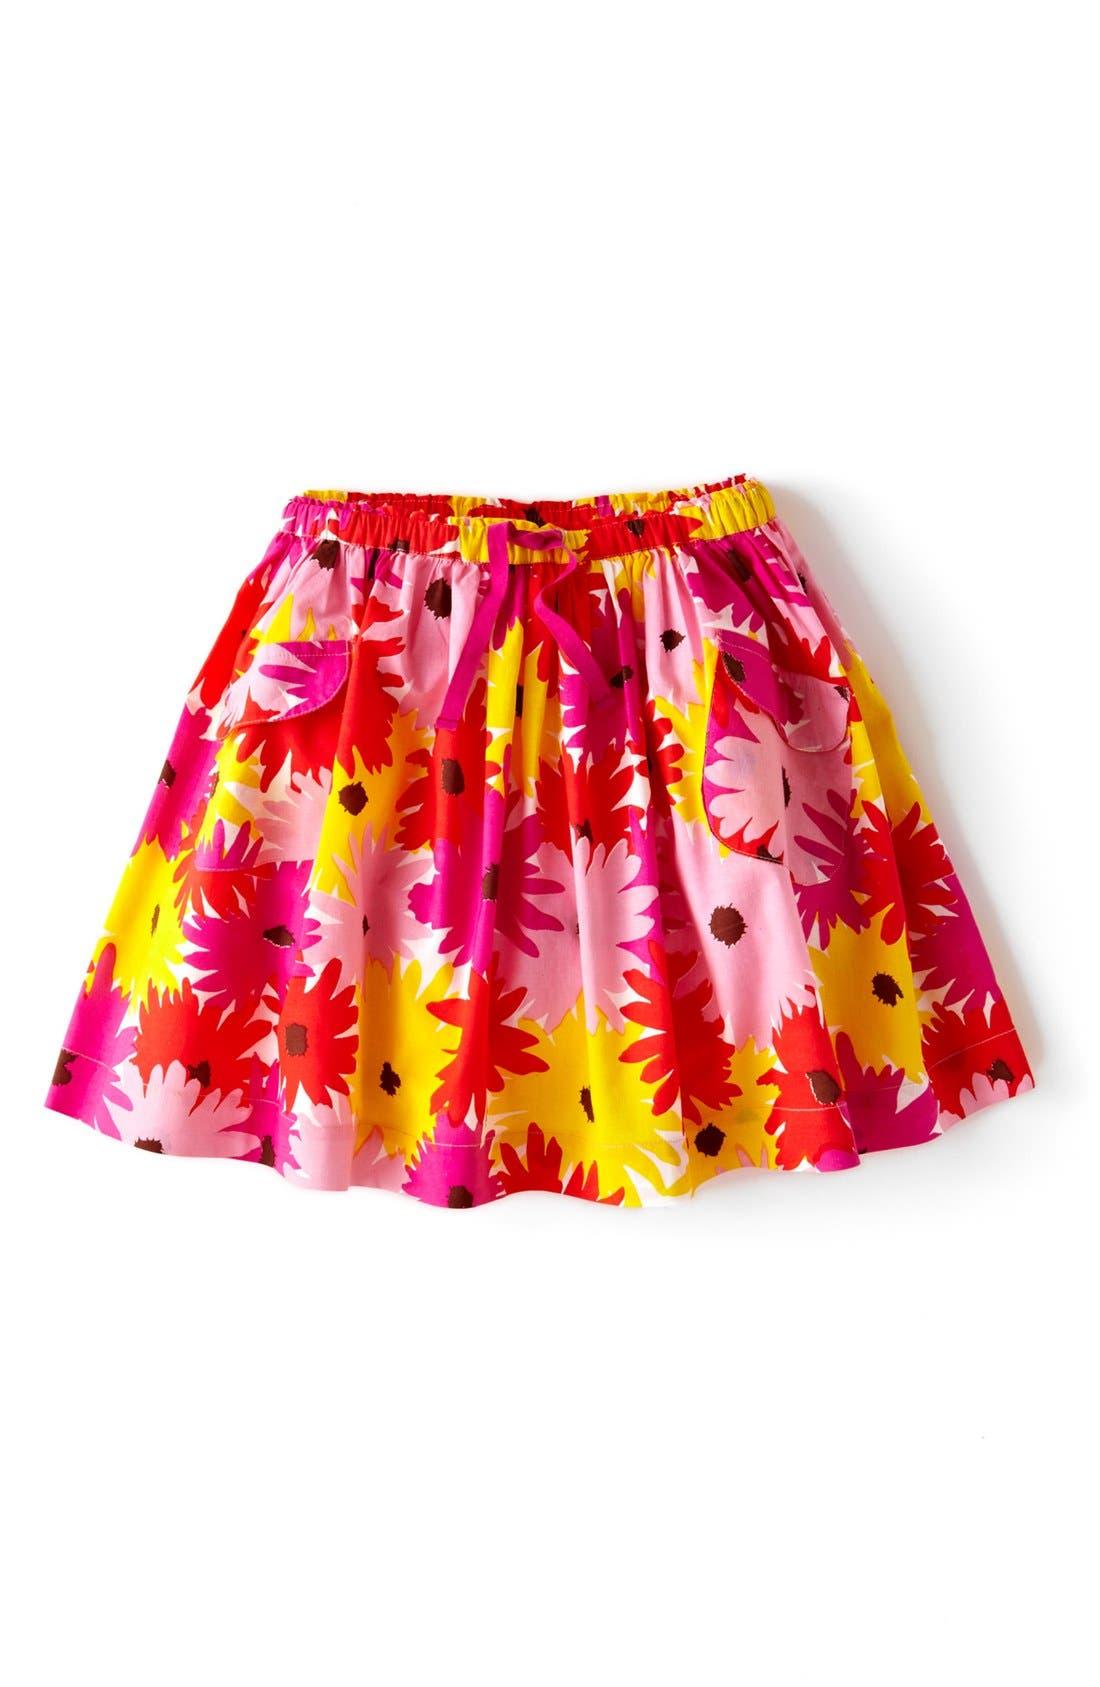 Main Image - Mini Boden 'Fun' Print Circle Skirt (Toddler Girls, Little Girls & Big Girls)